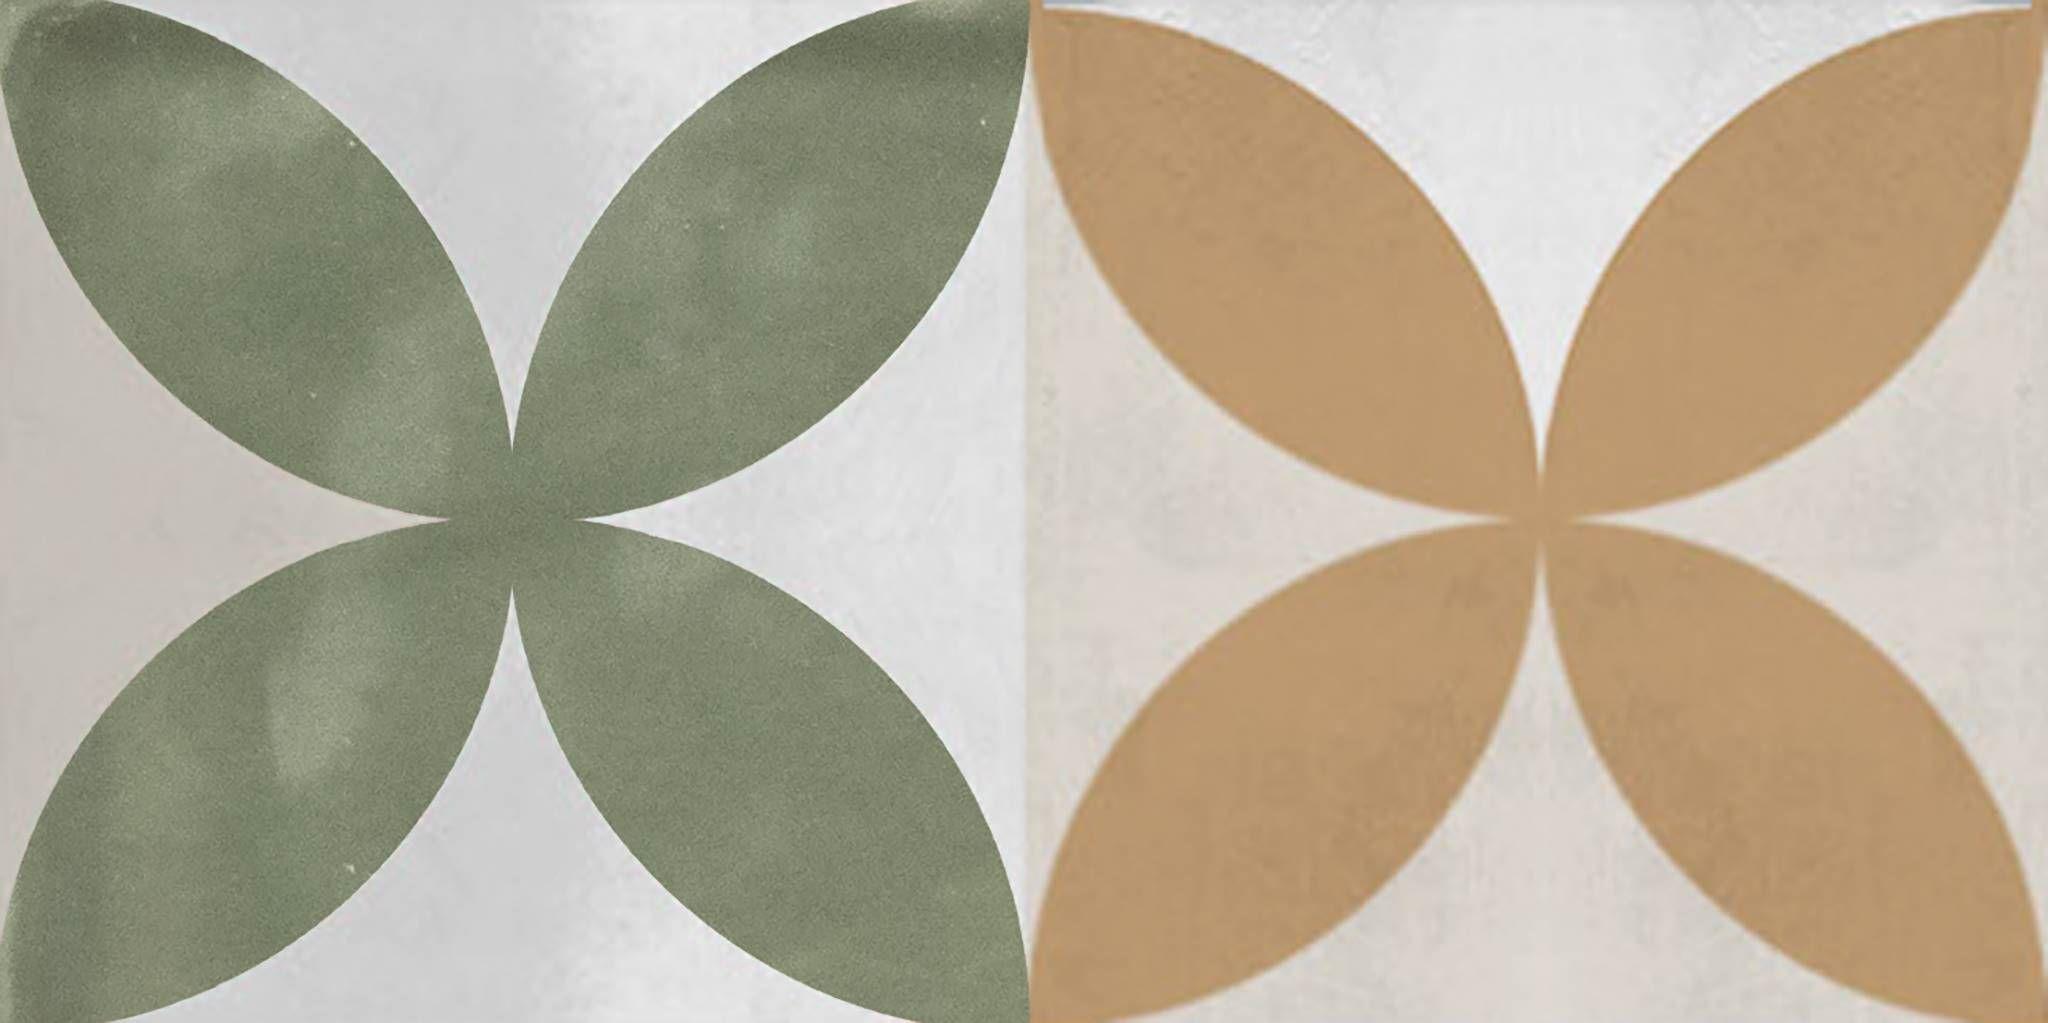 Купить Керамическая плитка Cifre Atmosphere Decor More Olive декор 12, 5x25, Cifre Ceramica, Испания